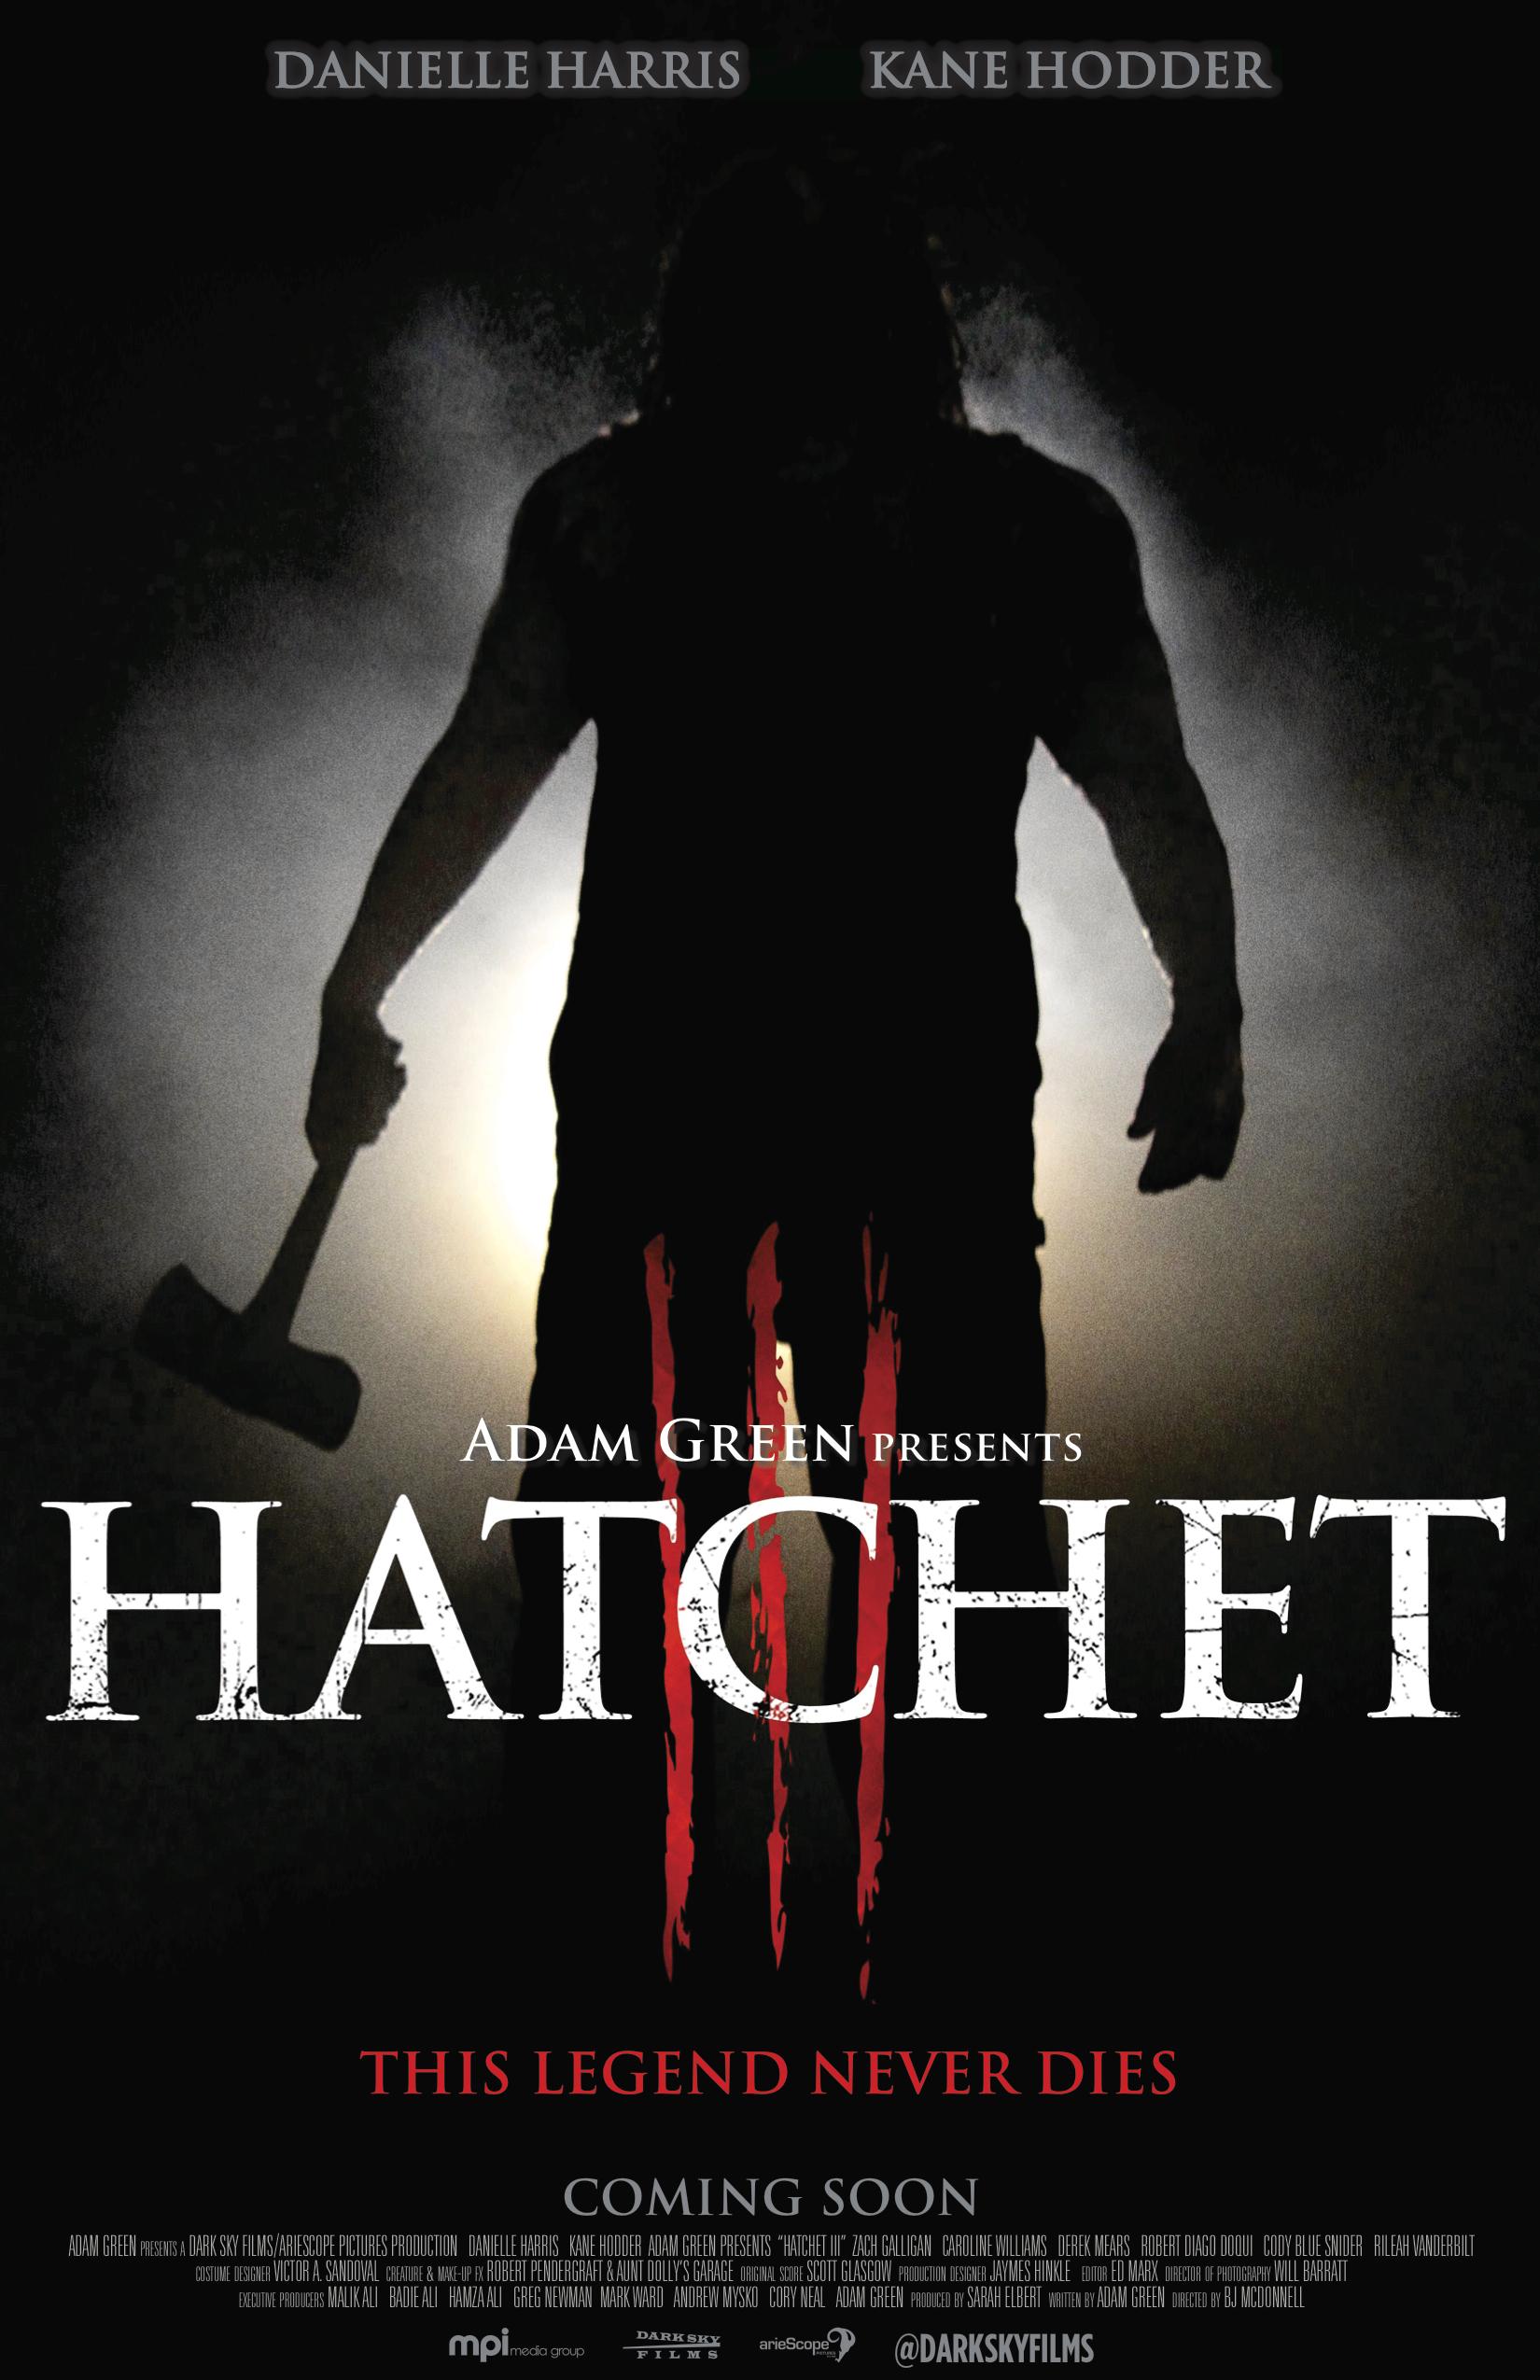 Hatchet 3 Teaser Poster